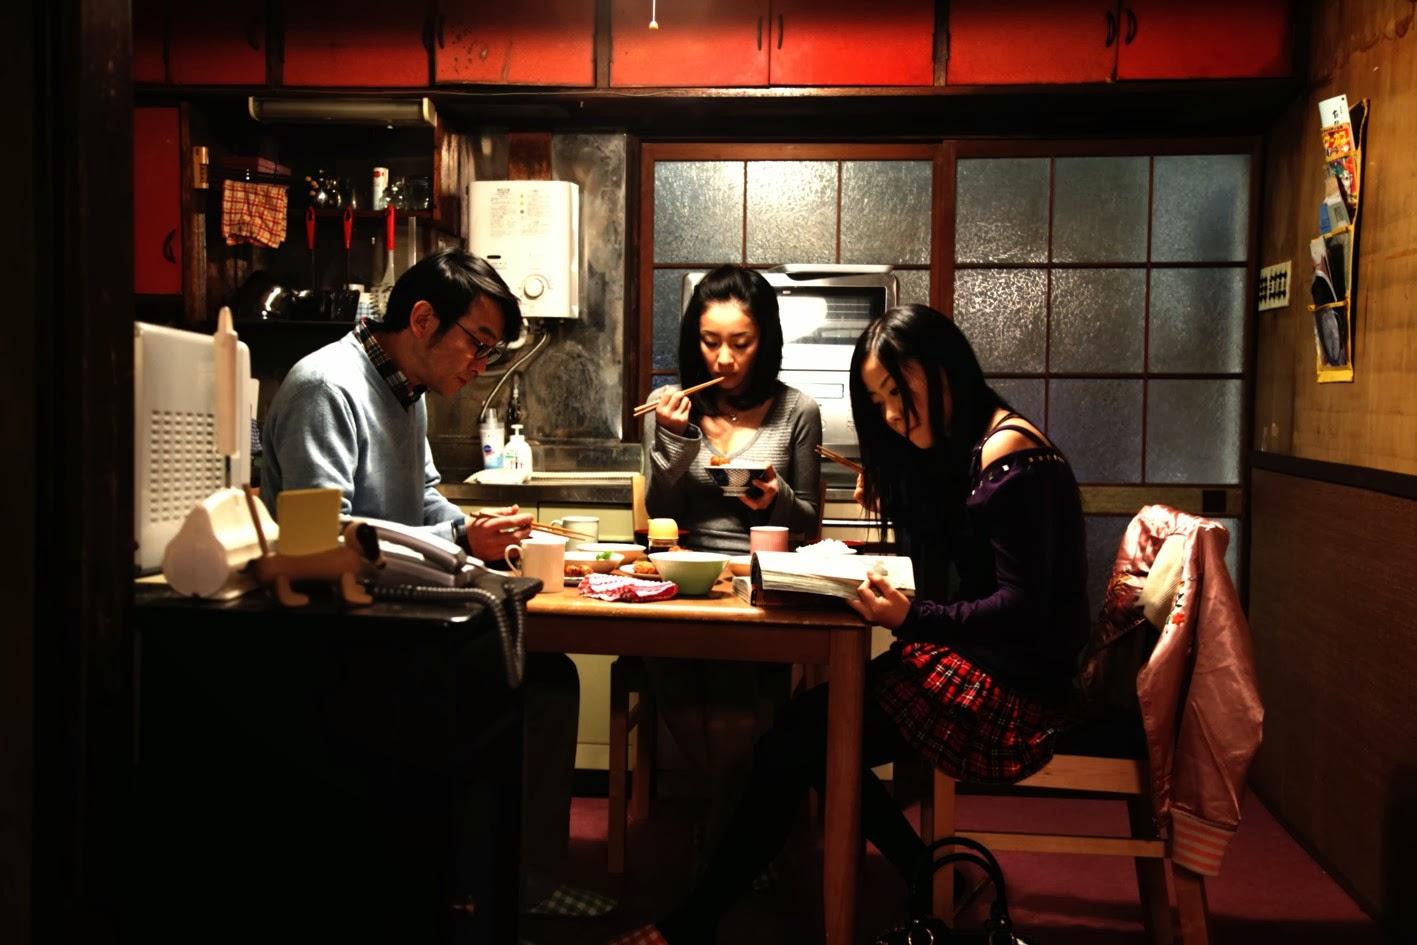 escena cold fish película terror japones